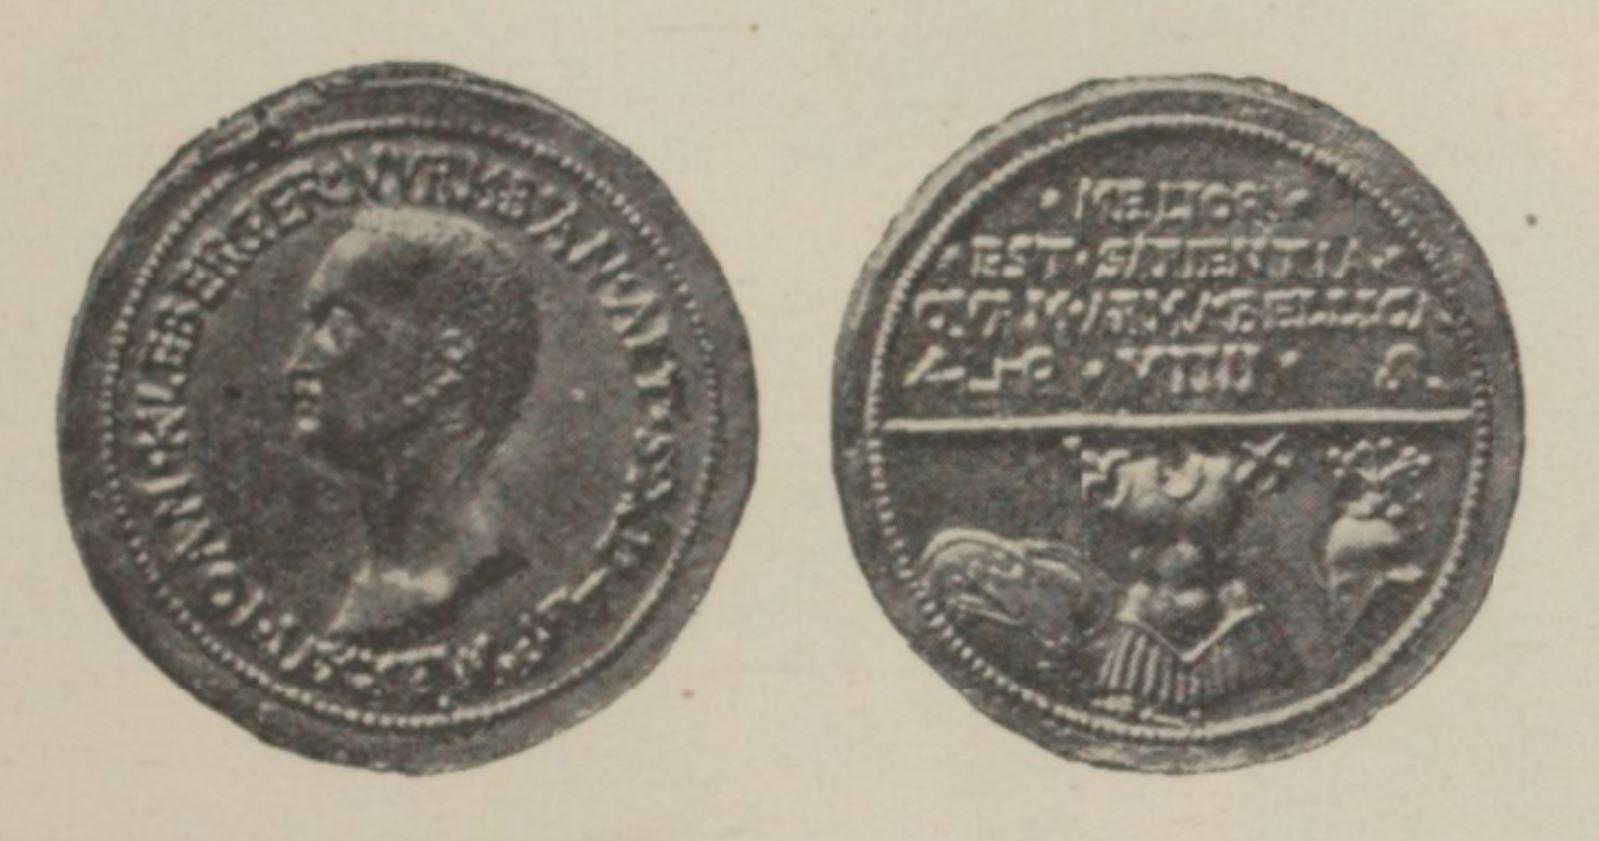 Medaille de Kleberger 1526 Vial p 137